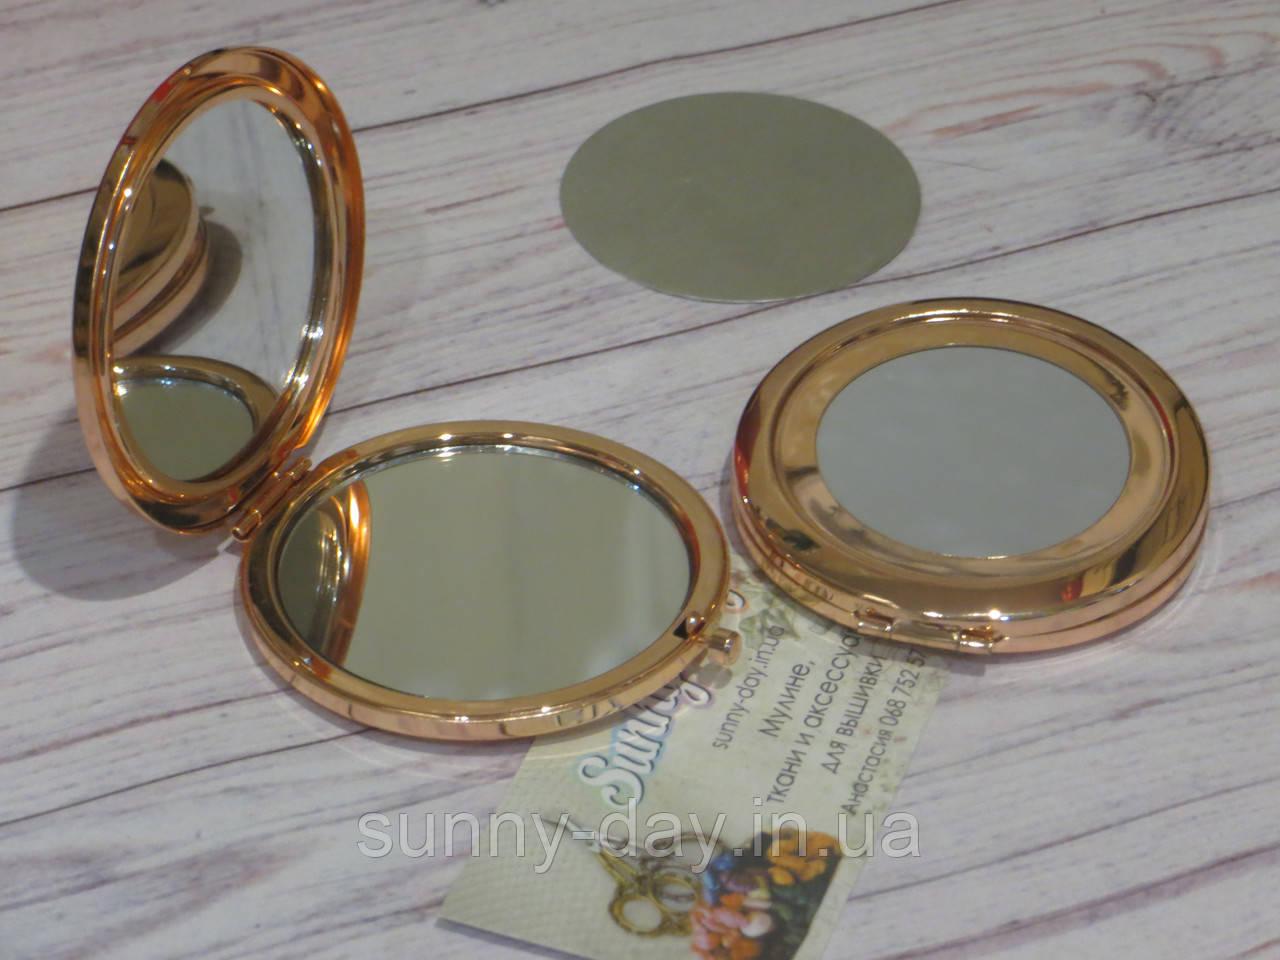 """Заготовка для оформления вышивки """"Зеркало"""", цвет - розовый/глянец"""